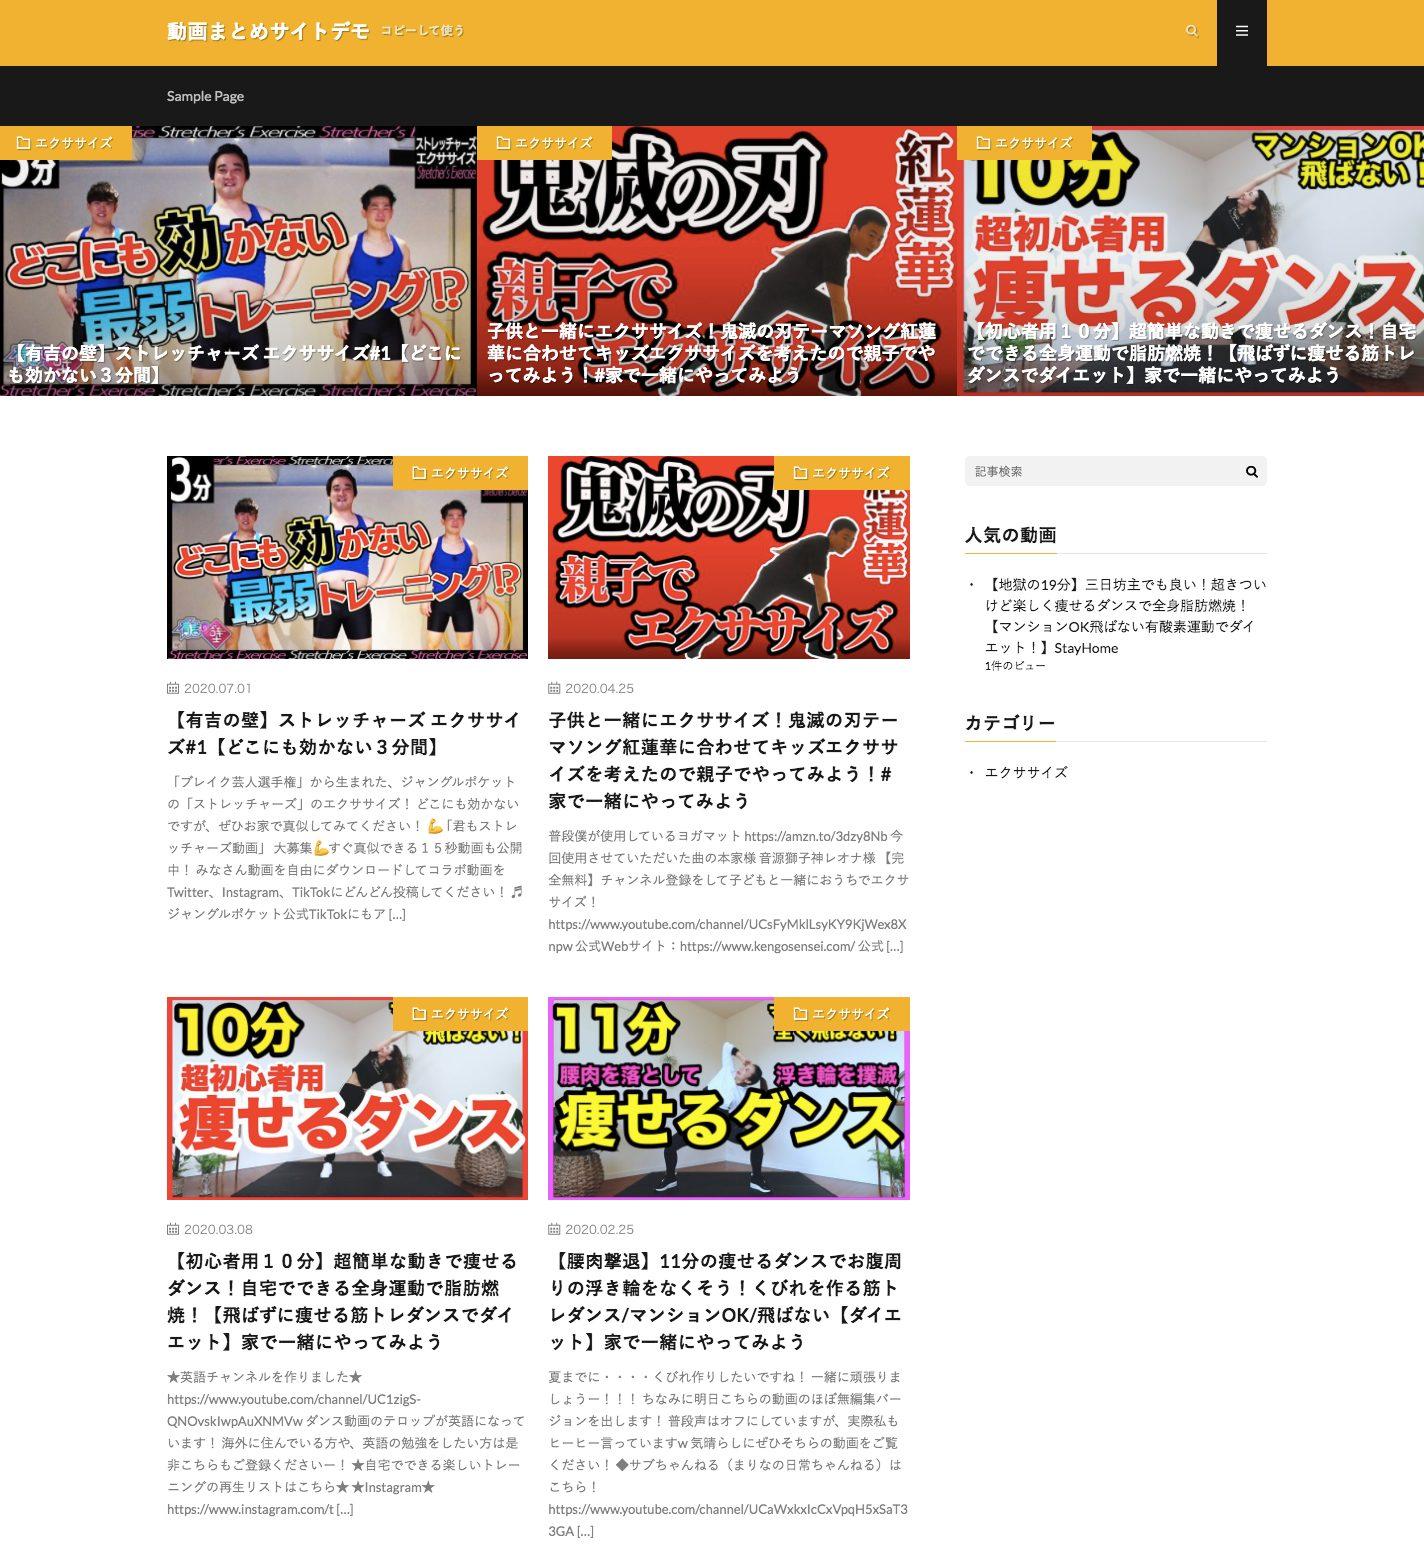 動画サイトデモイメージ